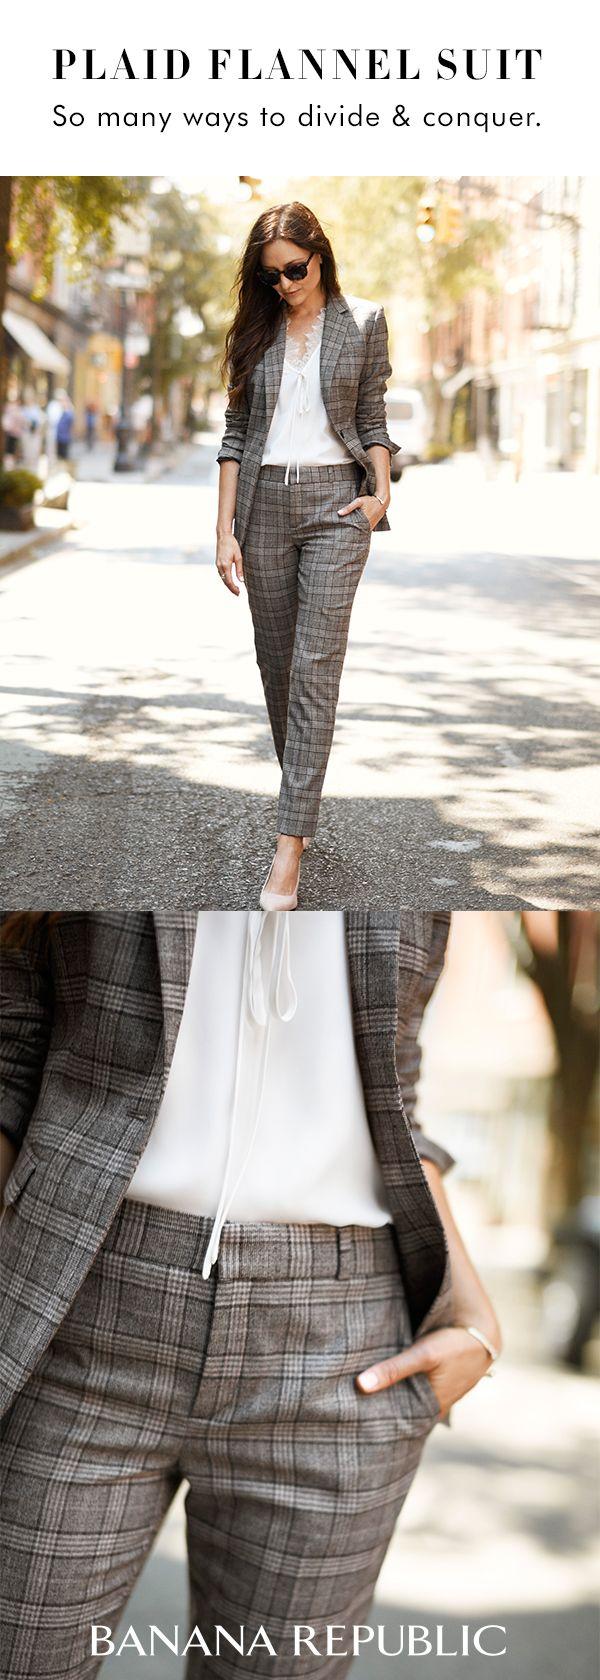 best ideas about women s pant suits pant suits women s suit collections dress suits blazers skirts separates suit pants suit vests banana republic